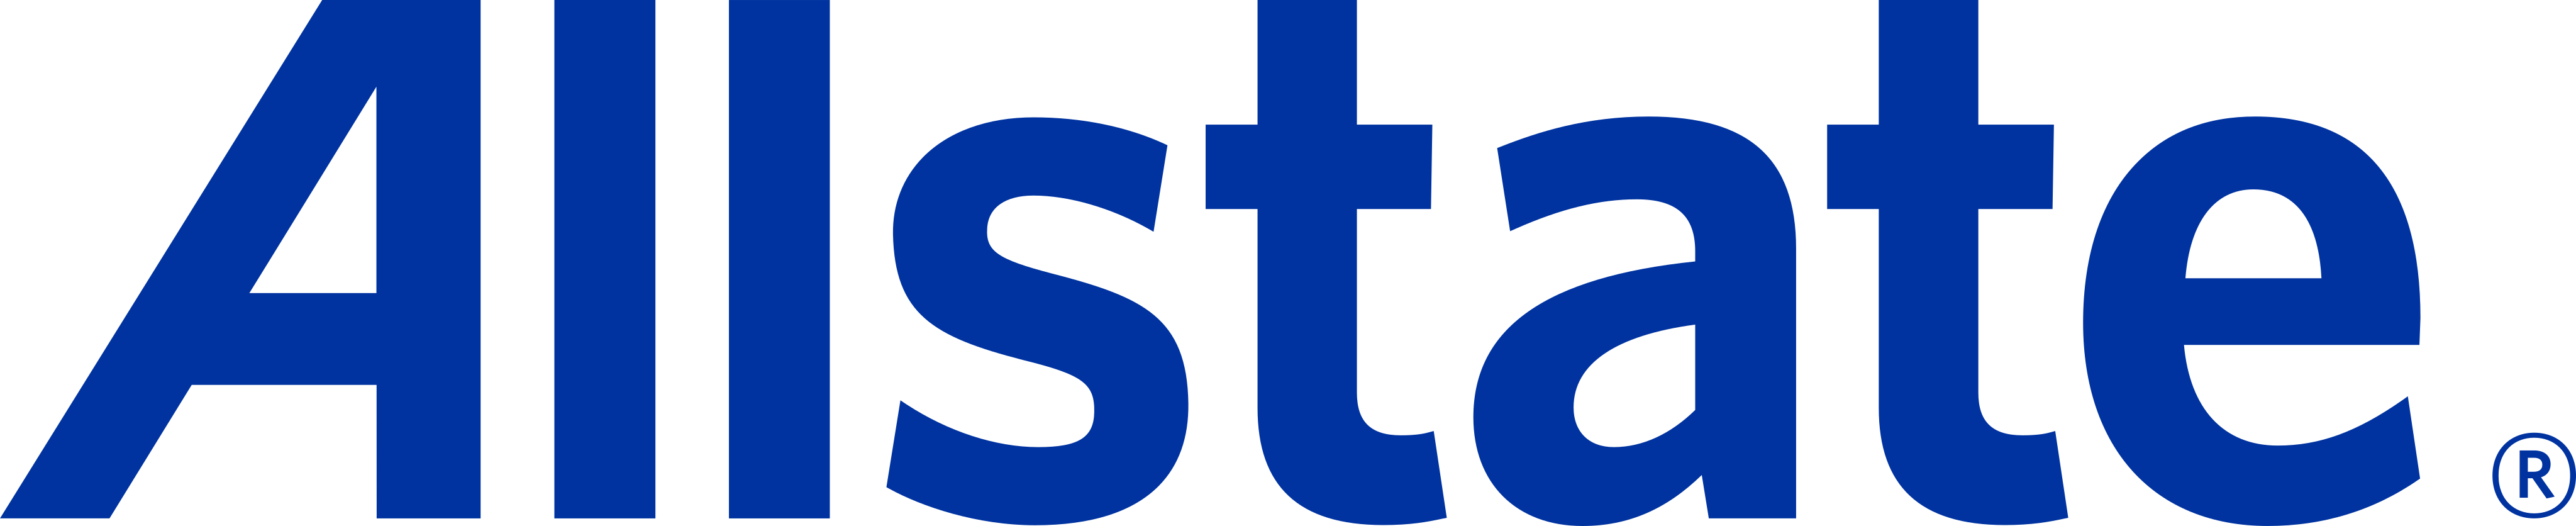 allstate logo - Allstate Logo